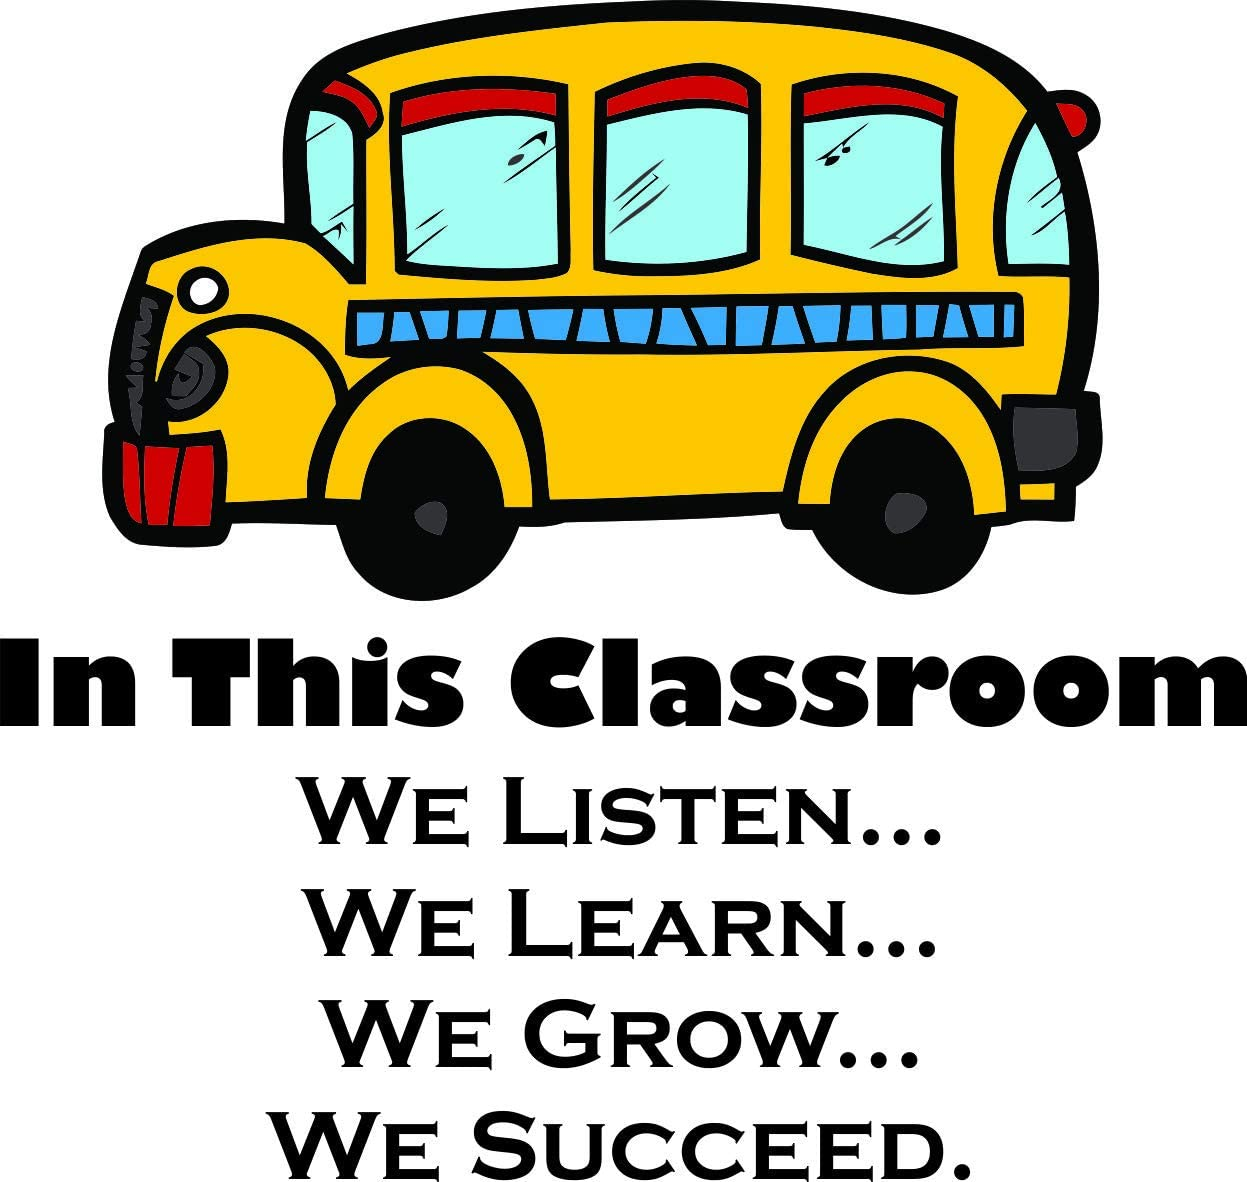 com in this classroom quote quotes school bus design